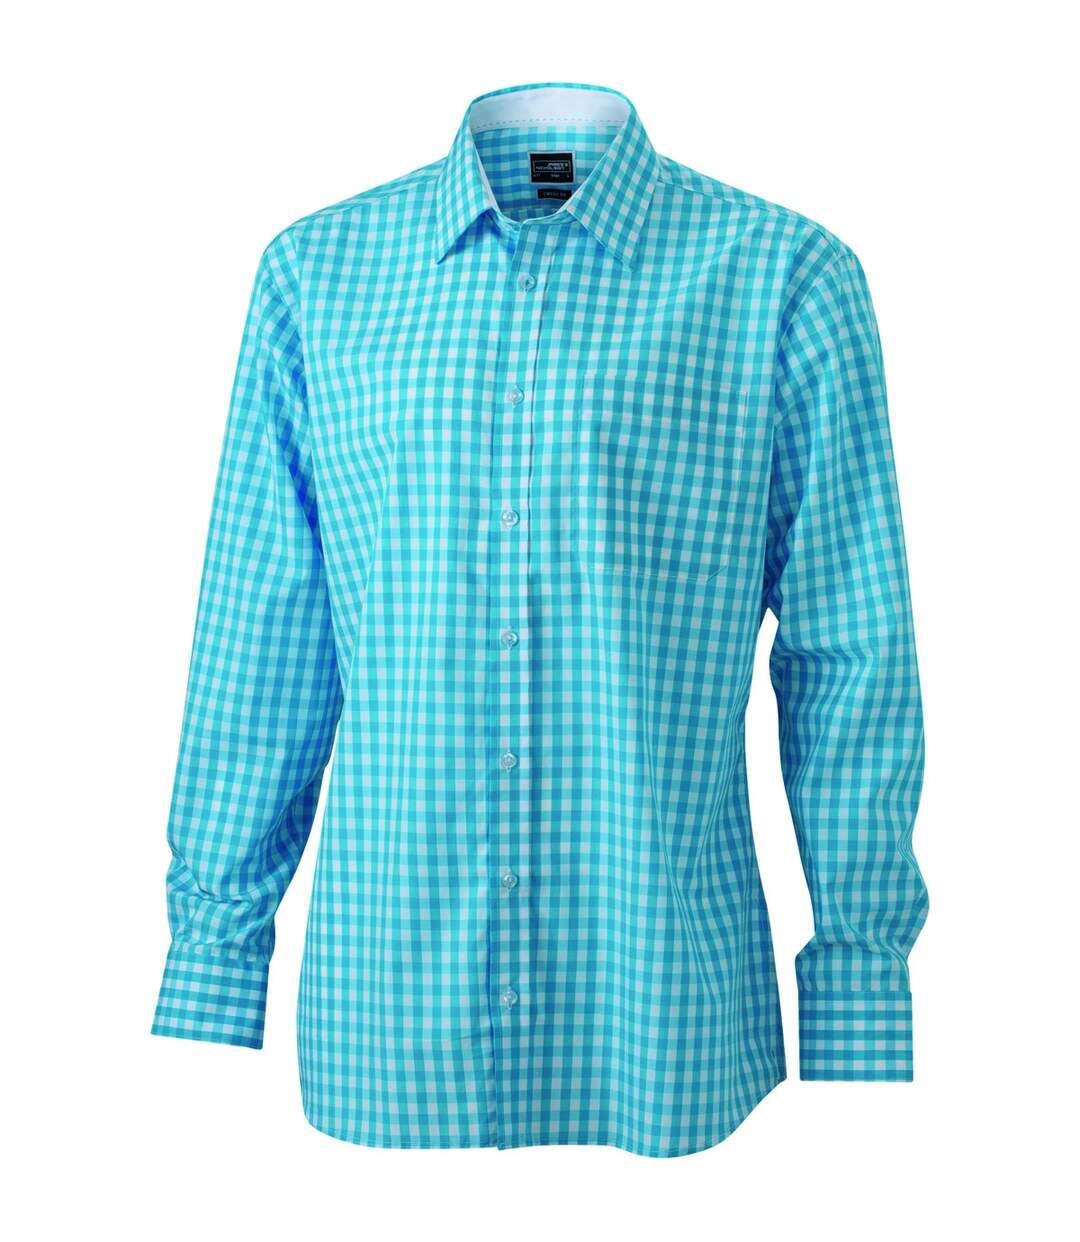 chemise manches longues carreaux vichy HOMME JN617 - bleu turquoise